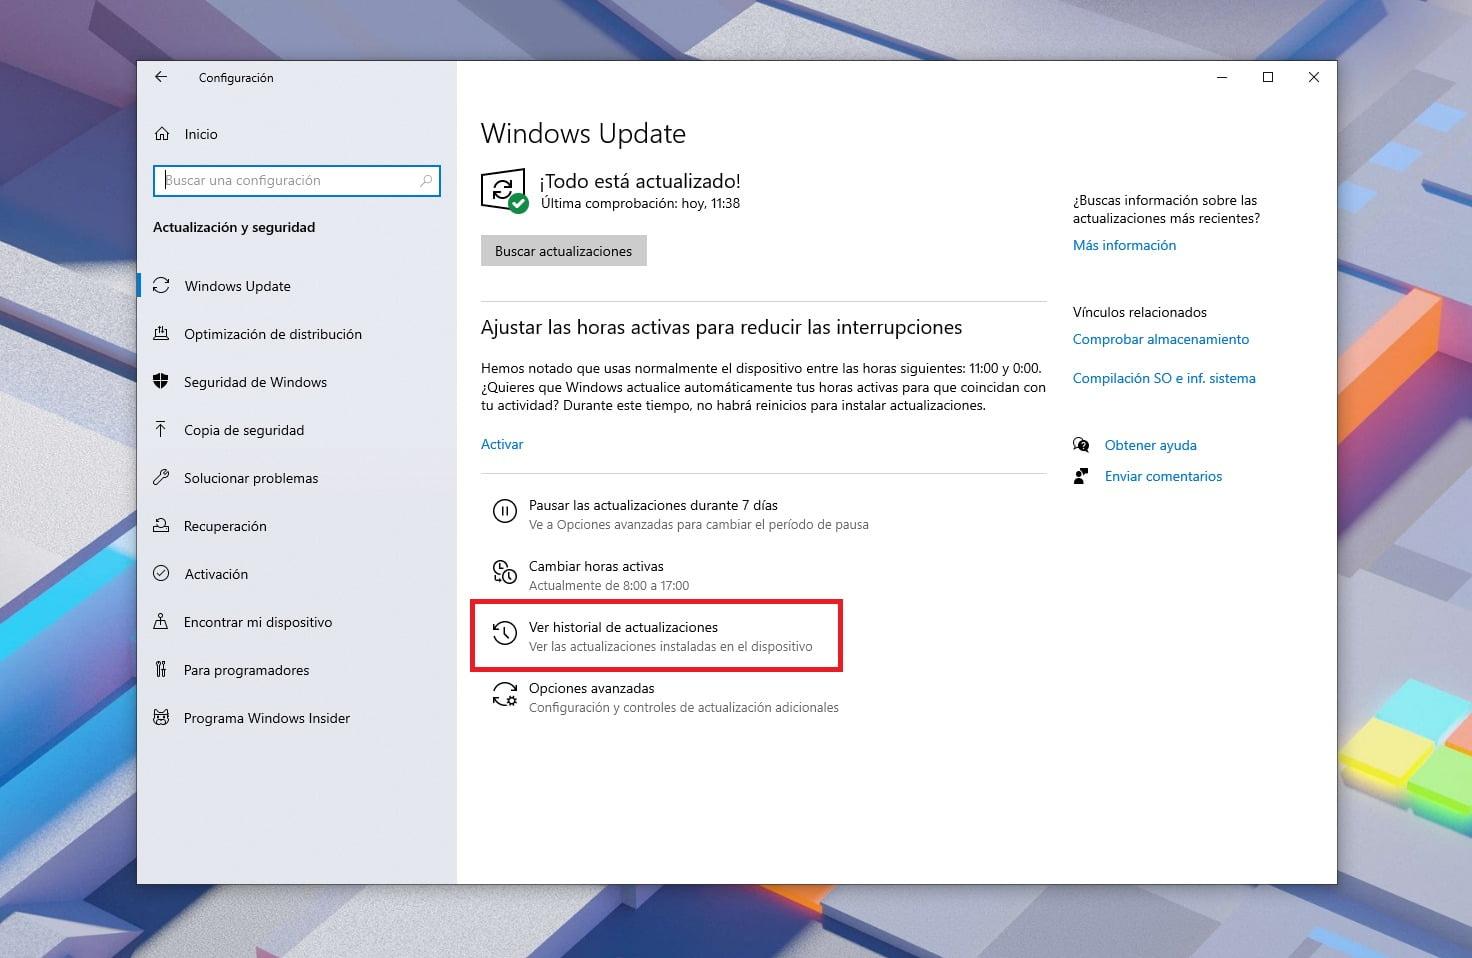 Desinstalar actualizaciones en Windows Update